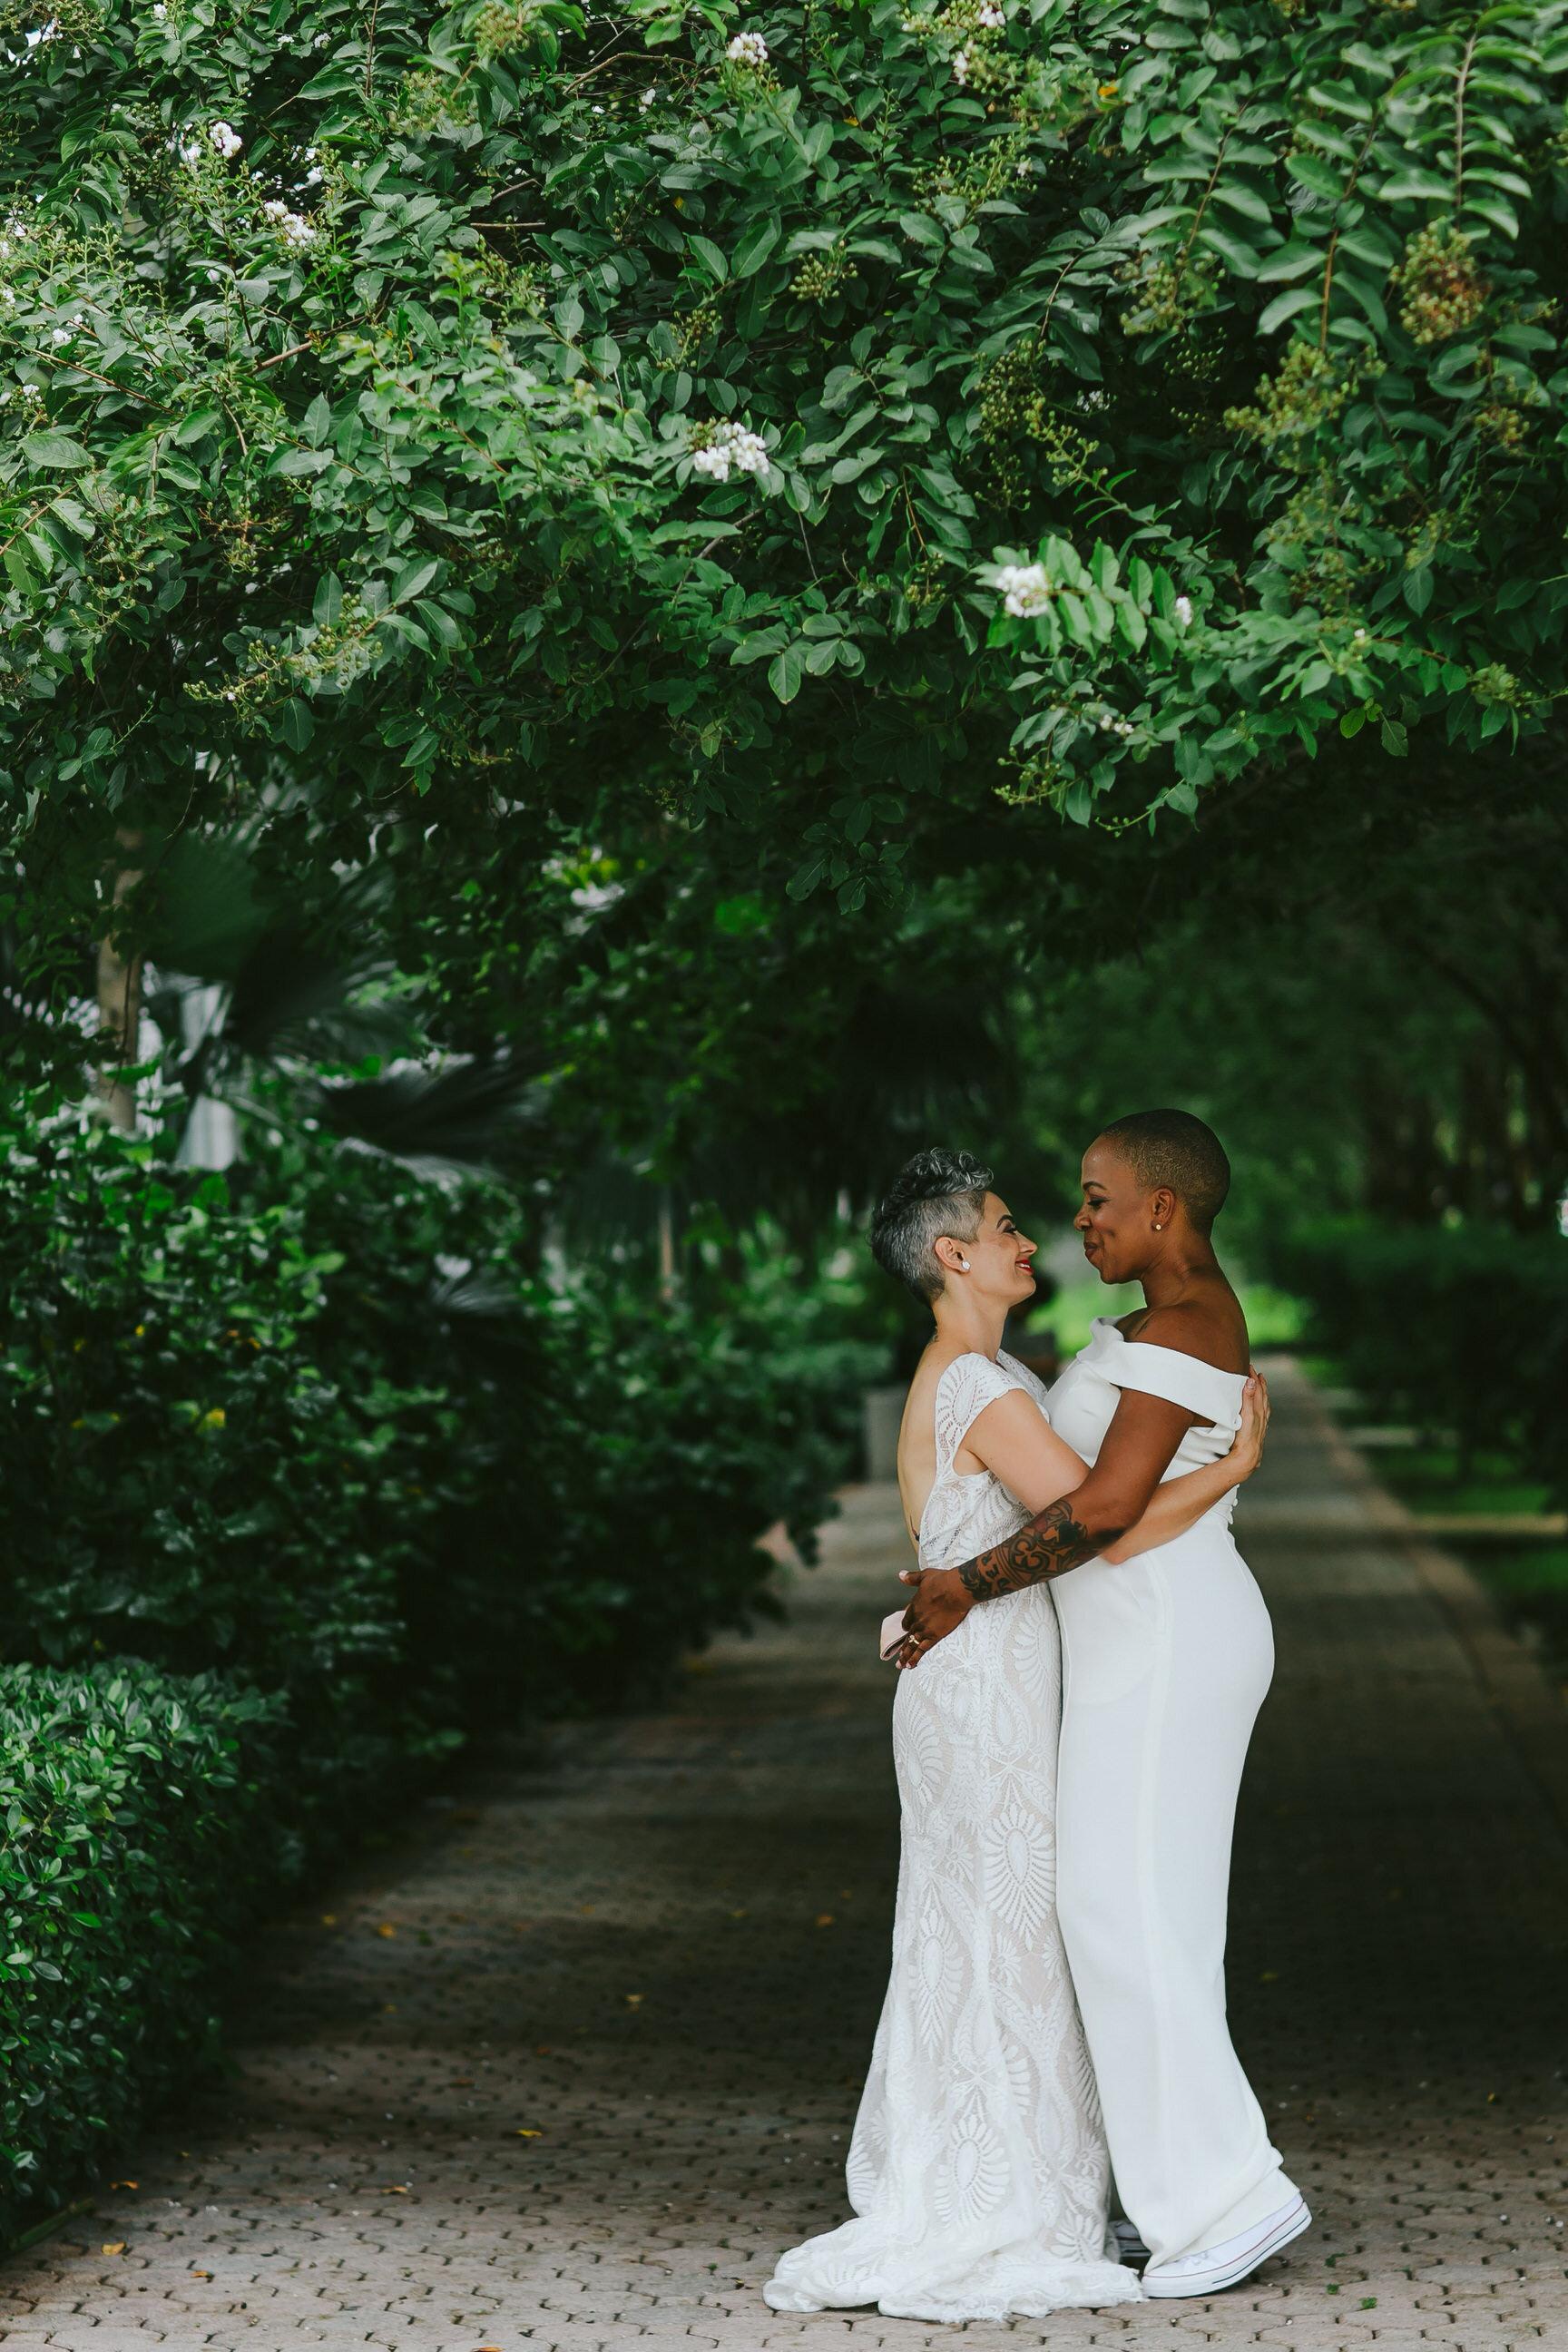 Two Gorgeous Brides Miami Elopement